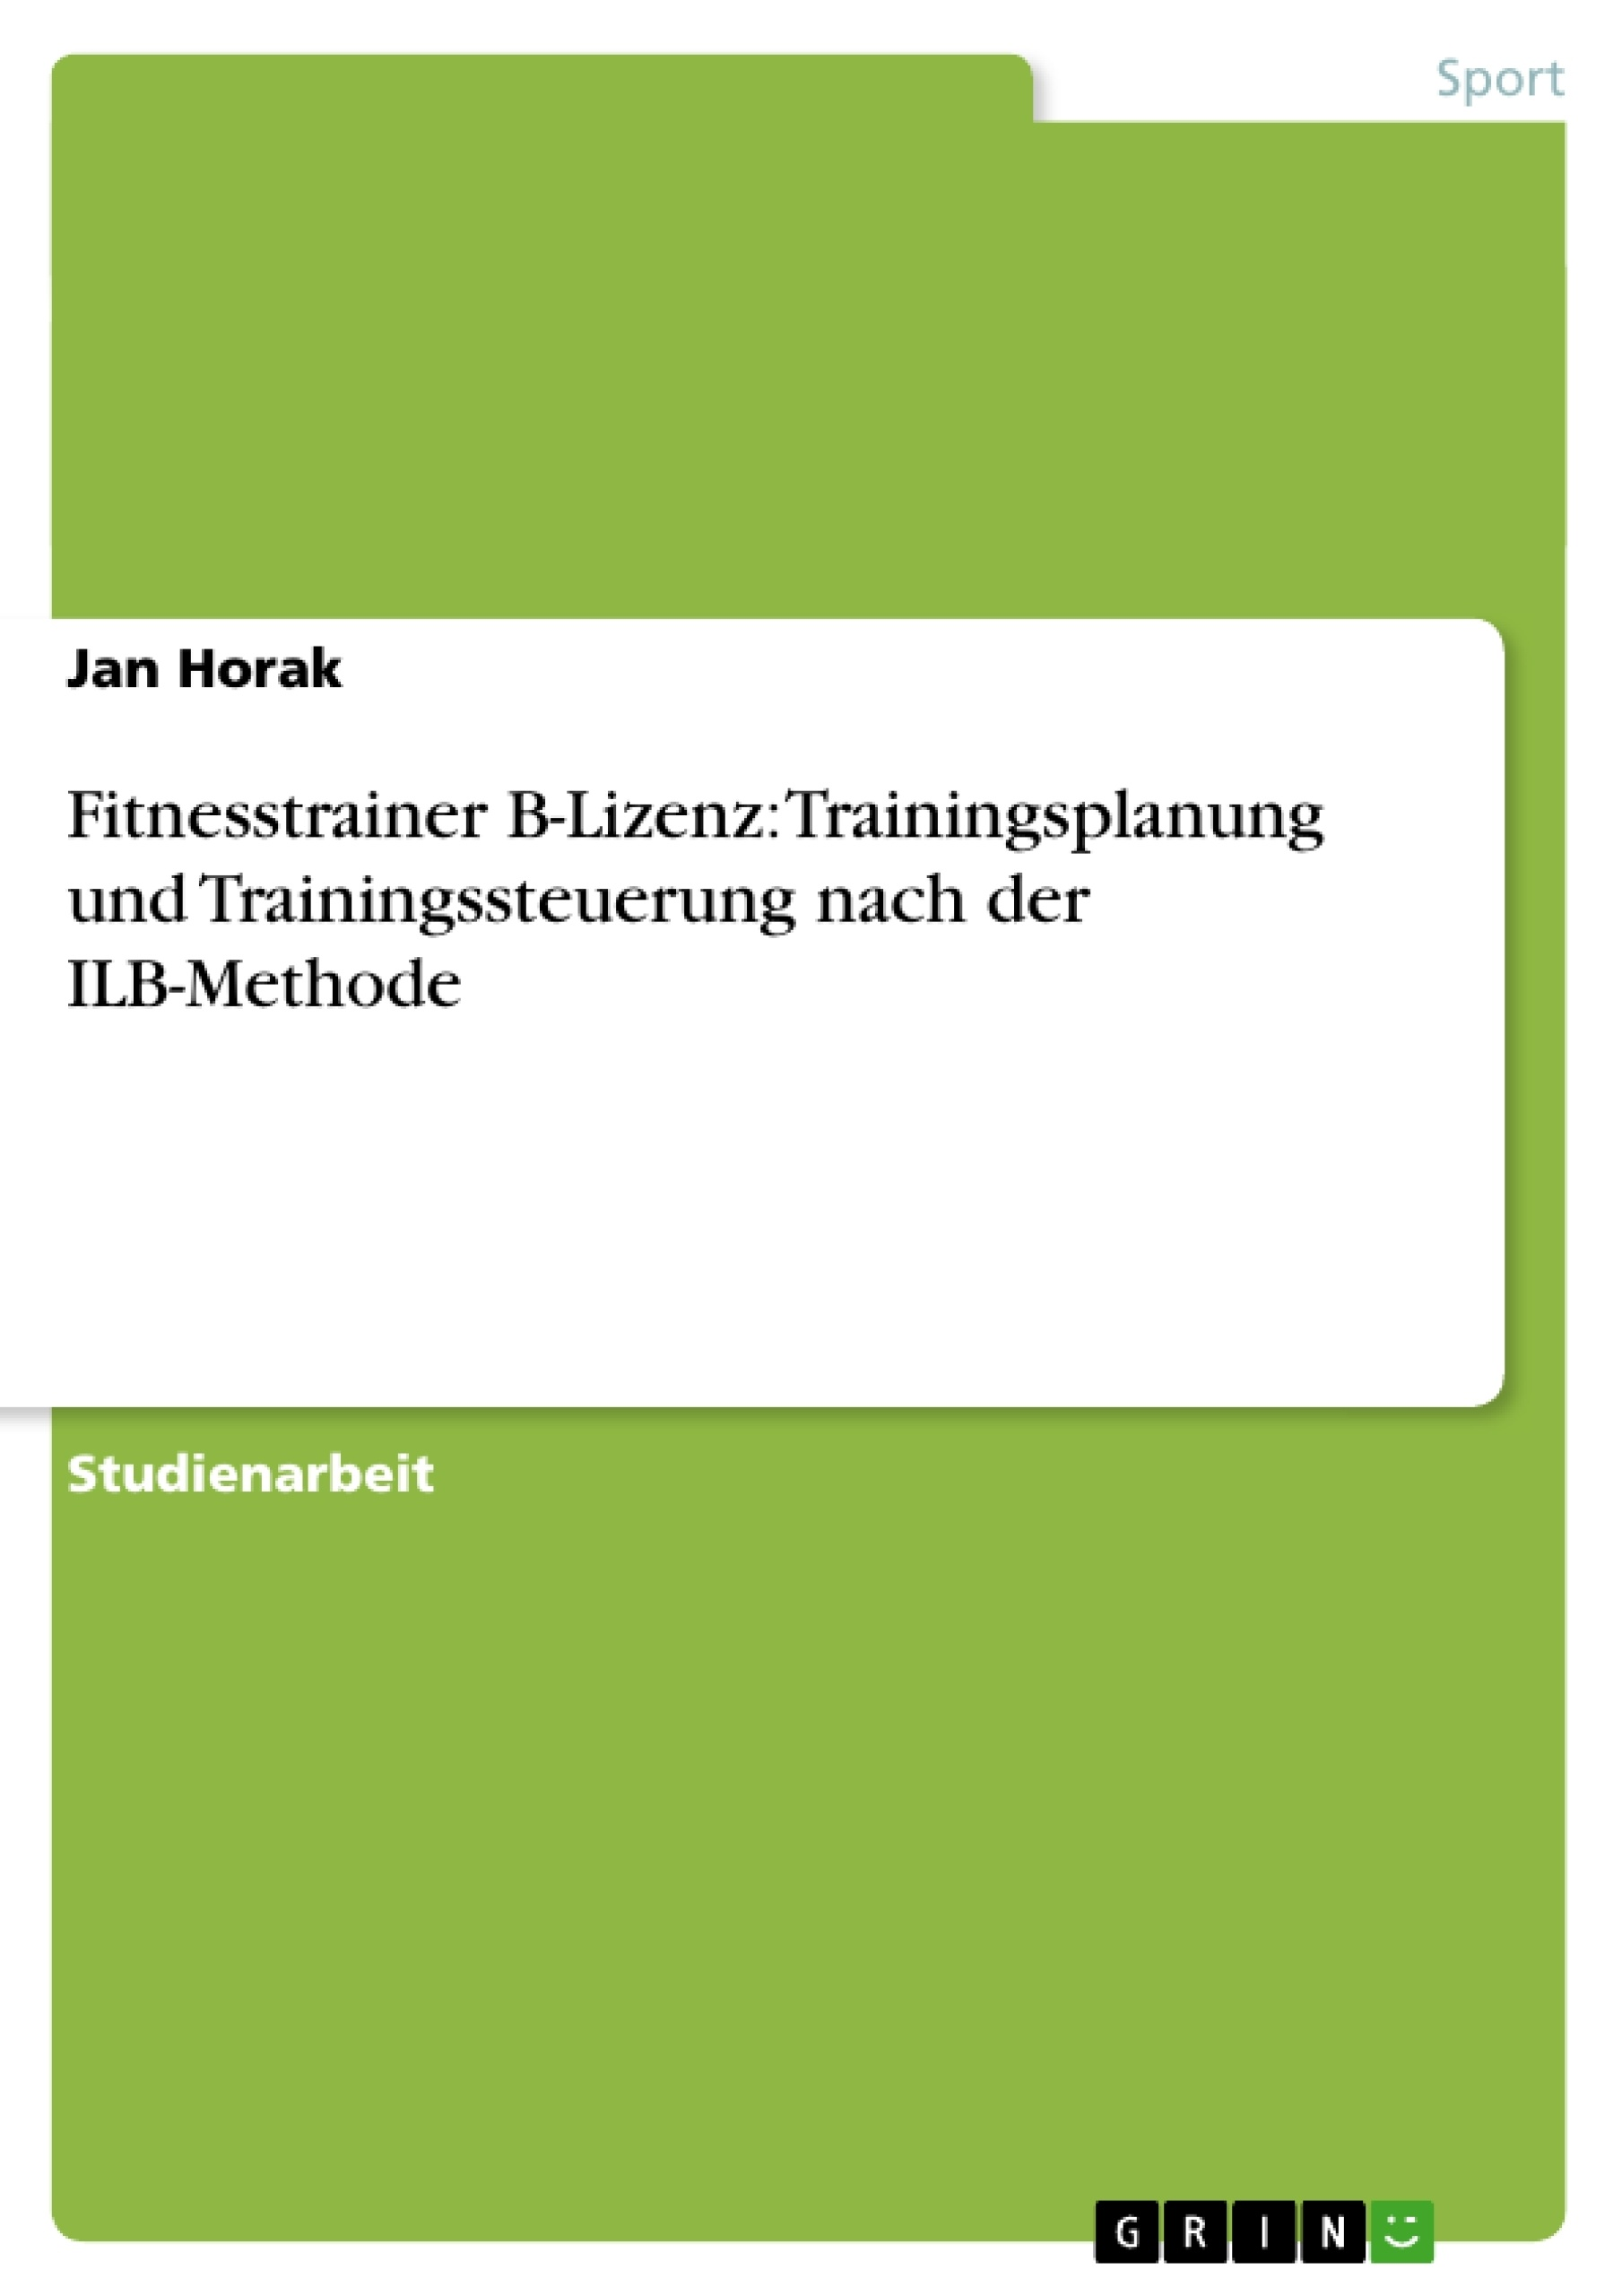 Titel: Fitnesstrainer B-Lizenz: Trainingsplanung und Trainingssteuerung nach der ILB-Methode